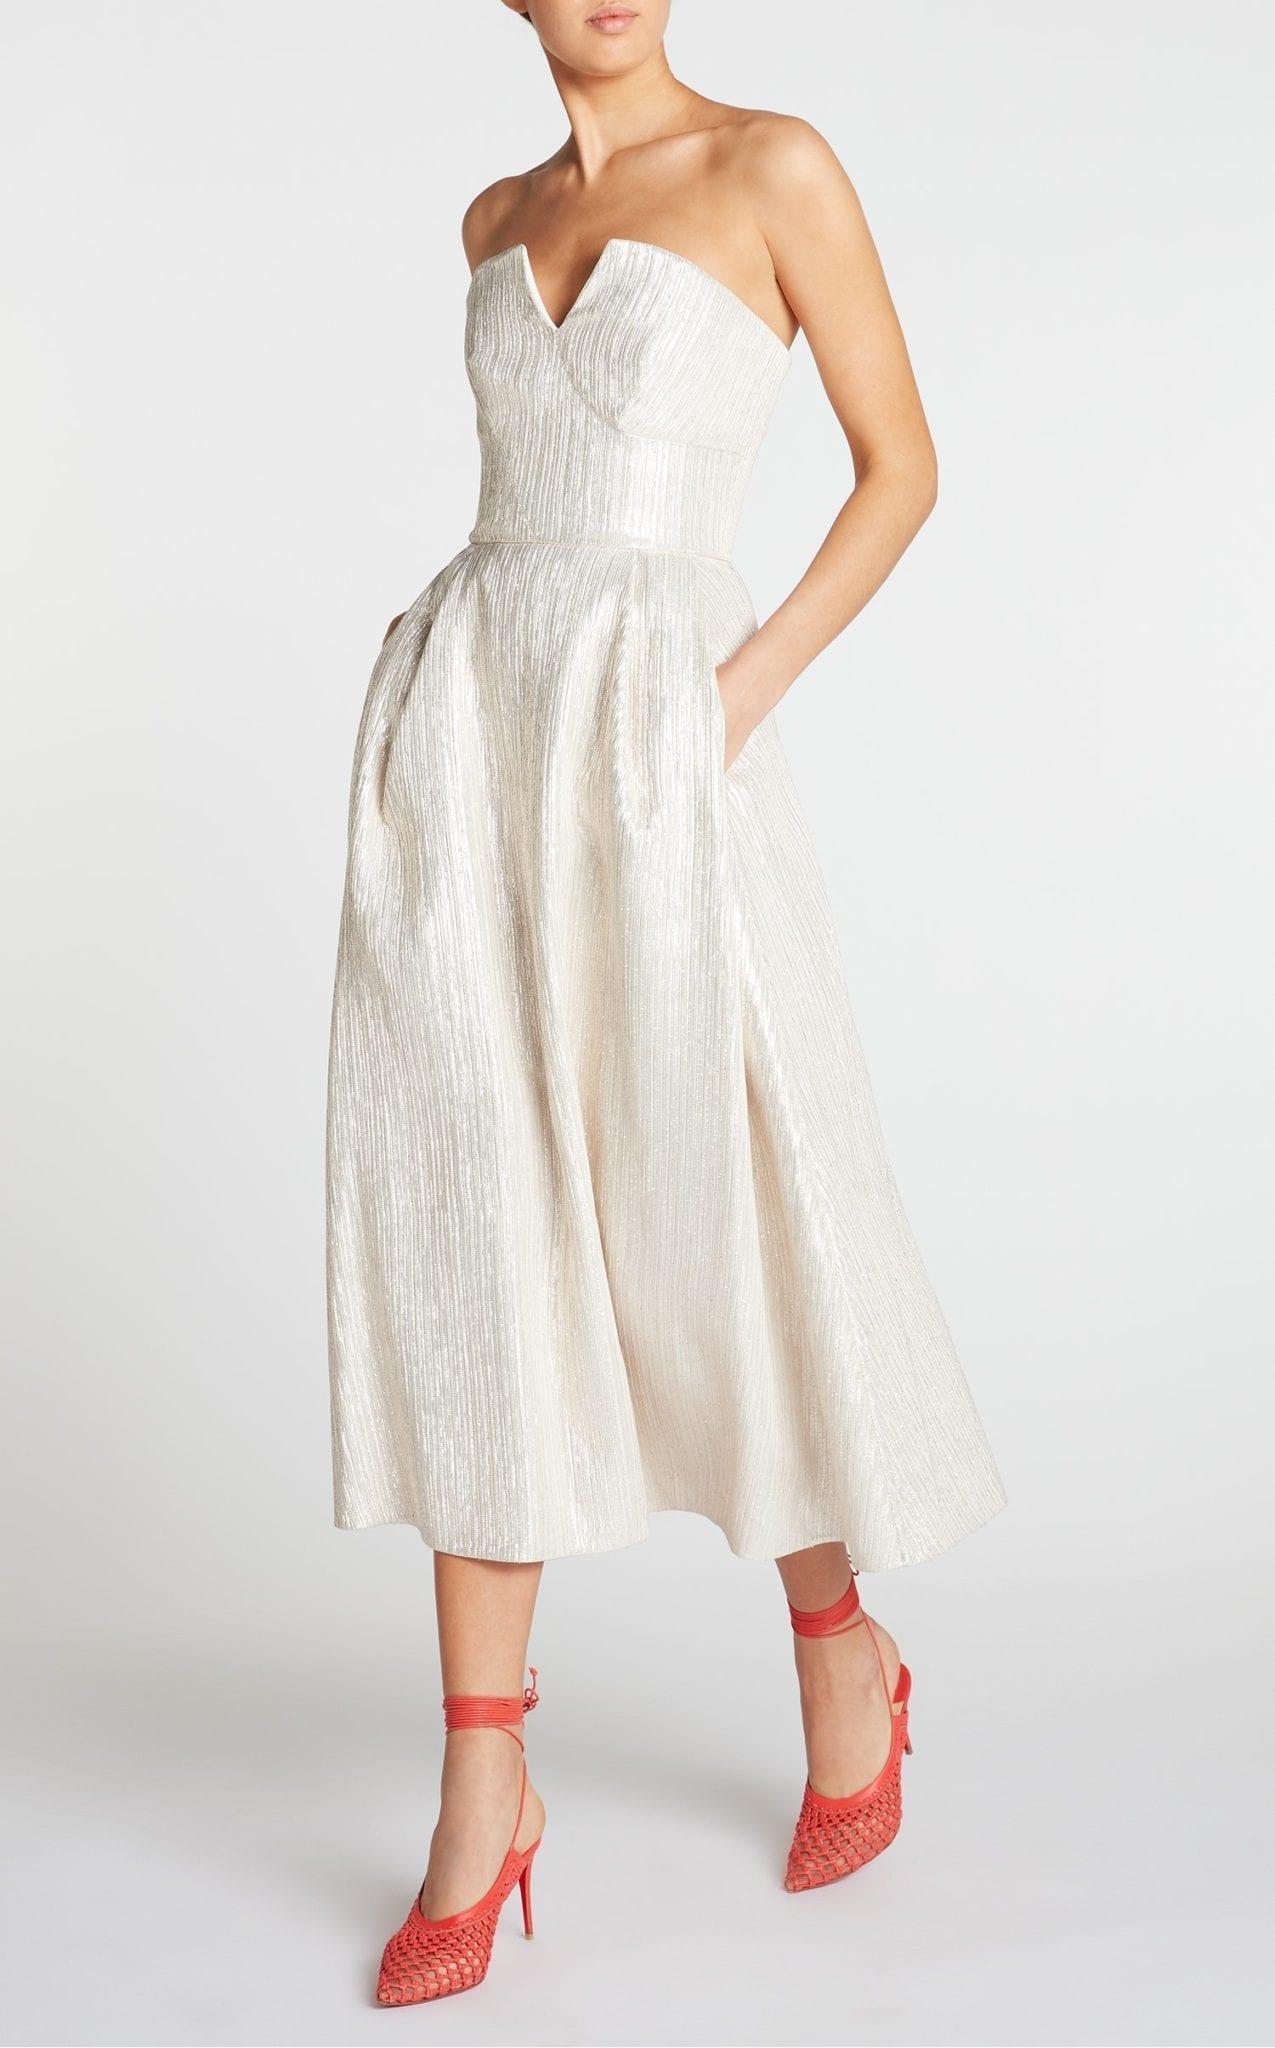 f1390daf10c ROLAND MOURET Aldrich Dress - We Select Dresses